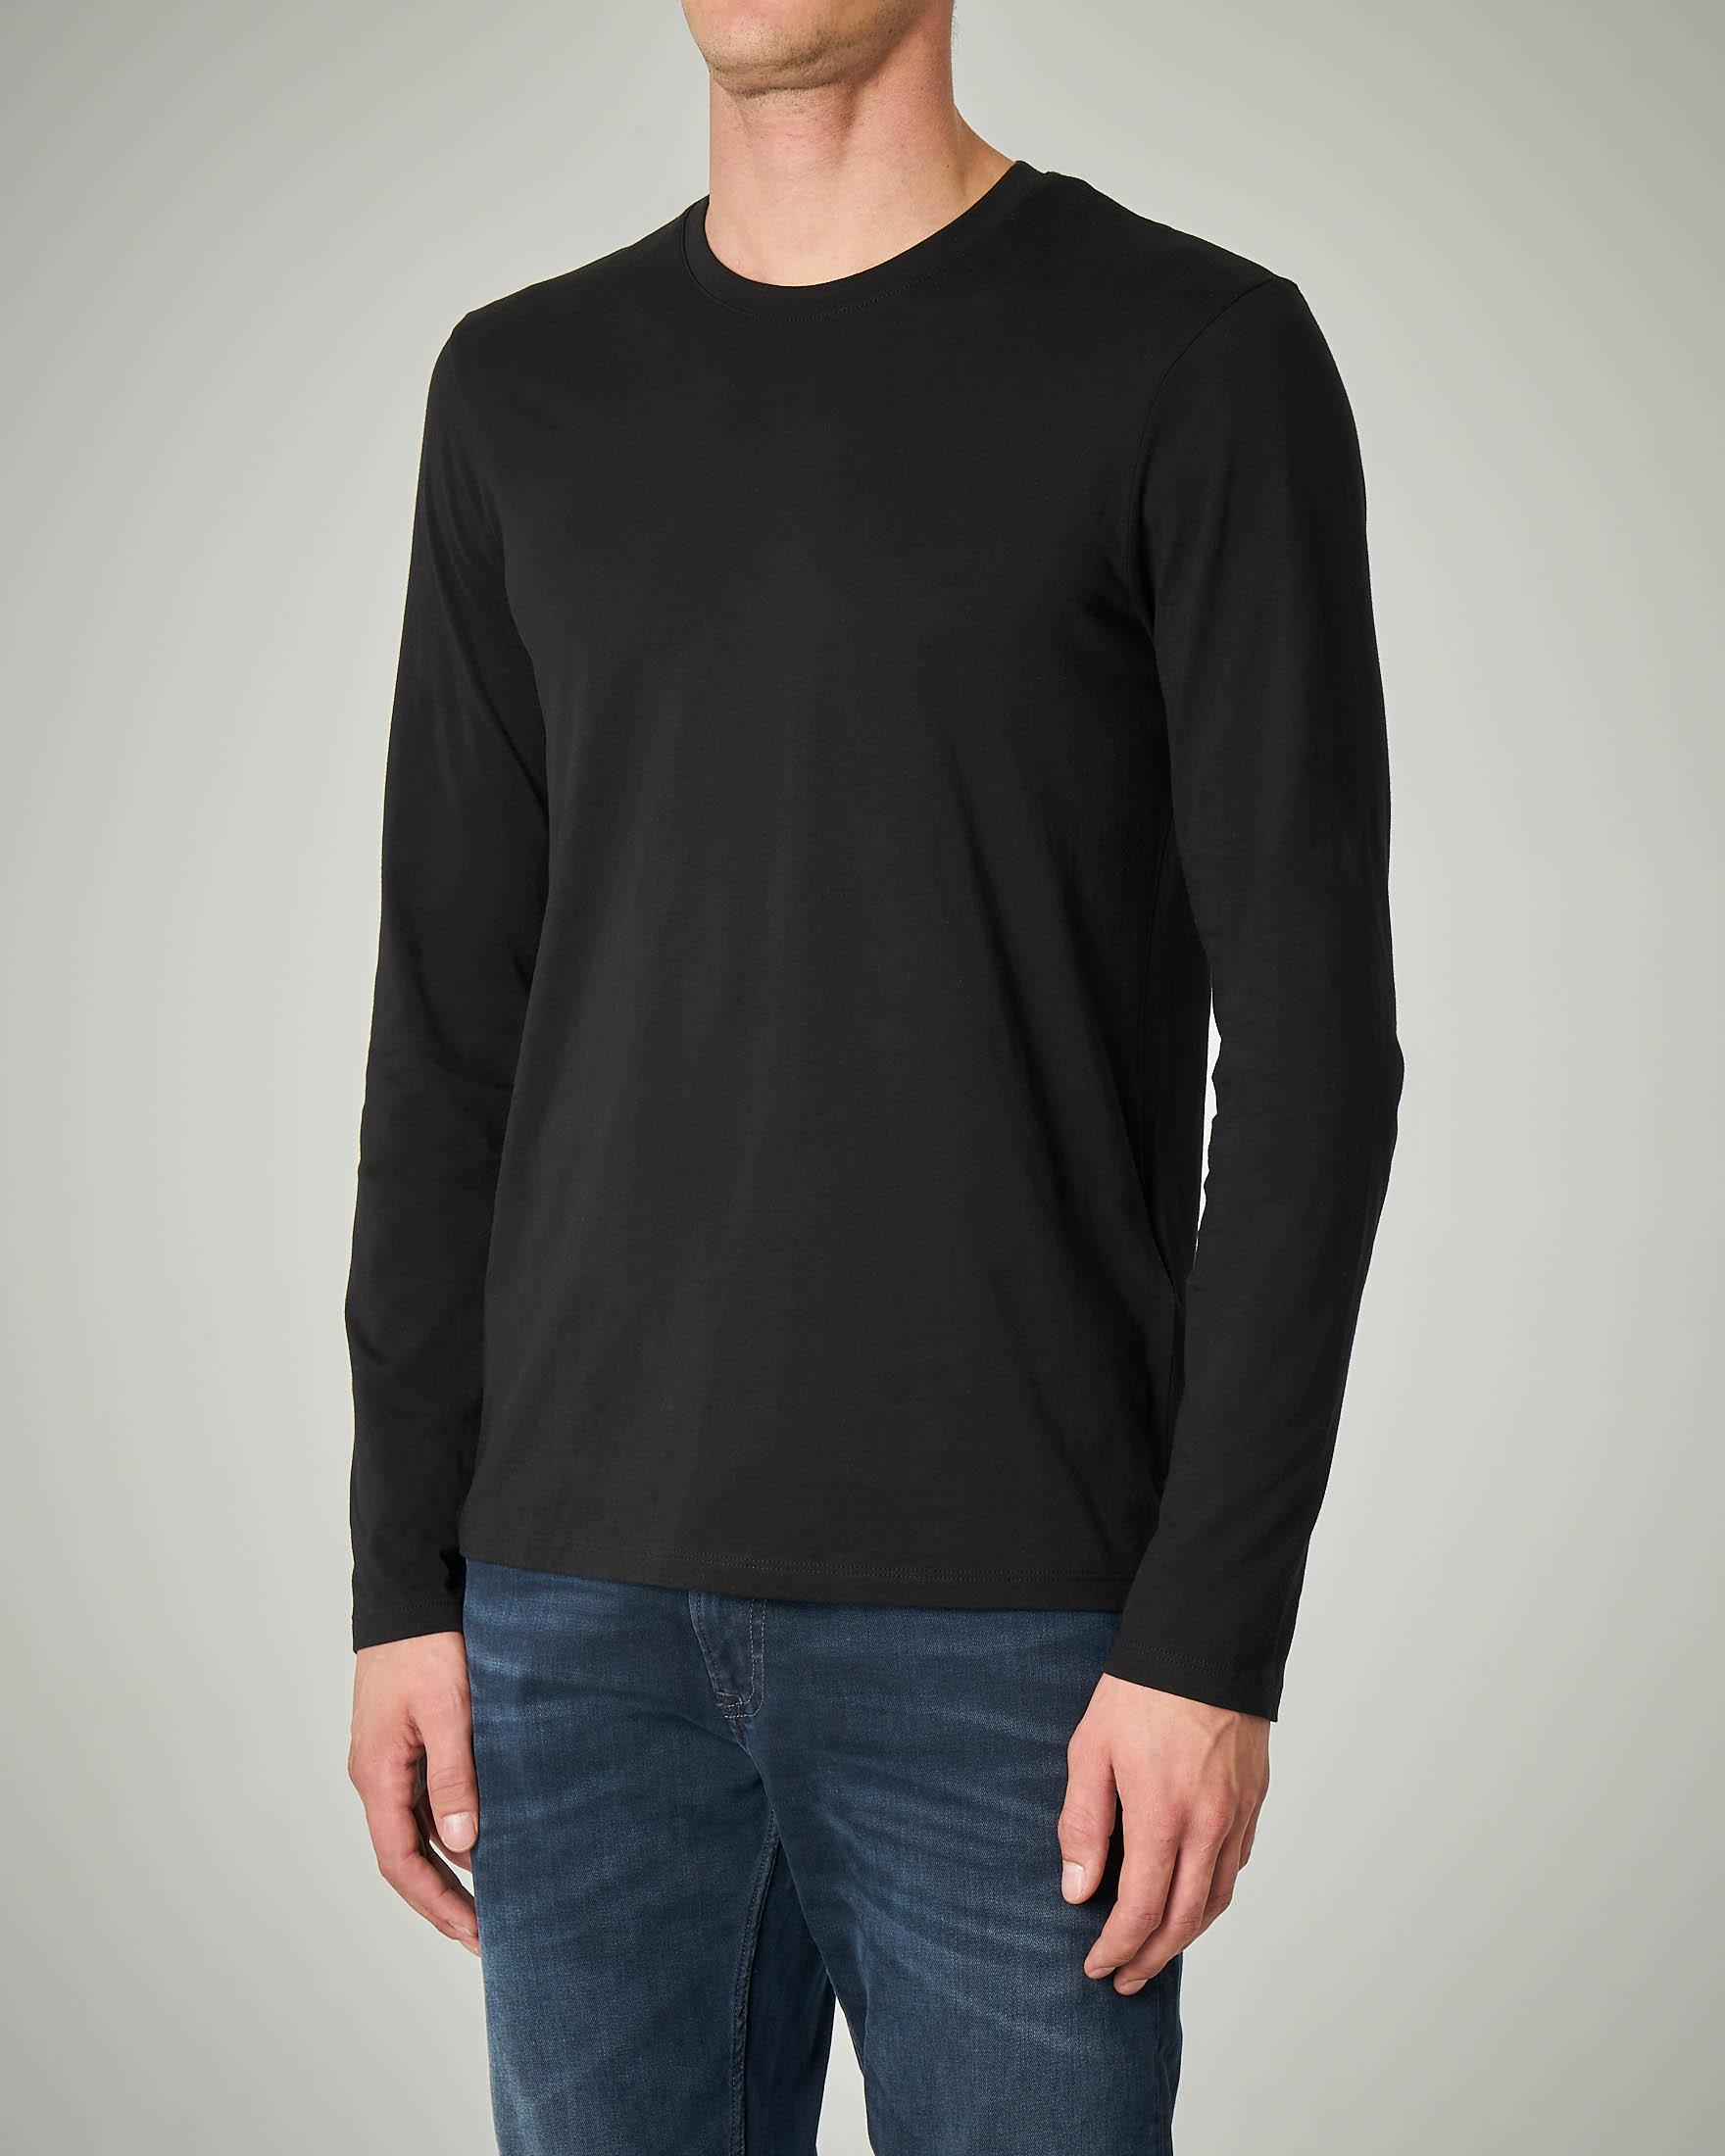 T-shirt nera manica lunga basica